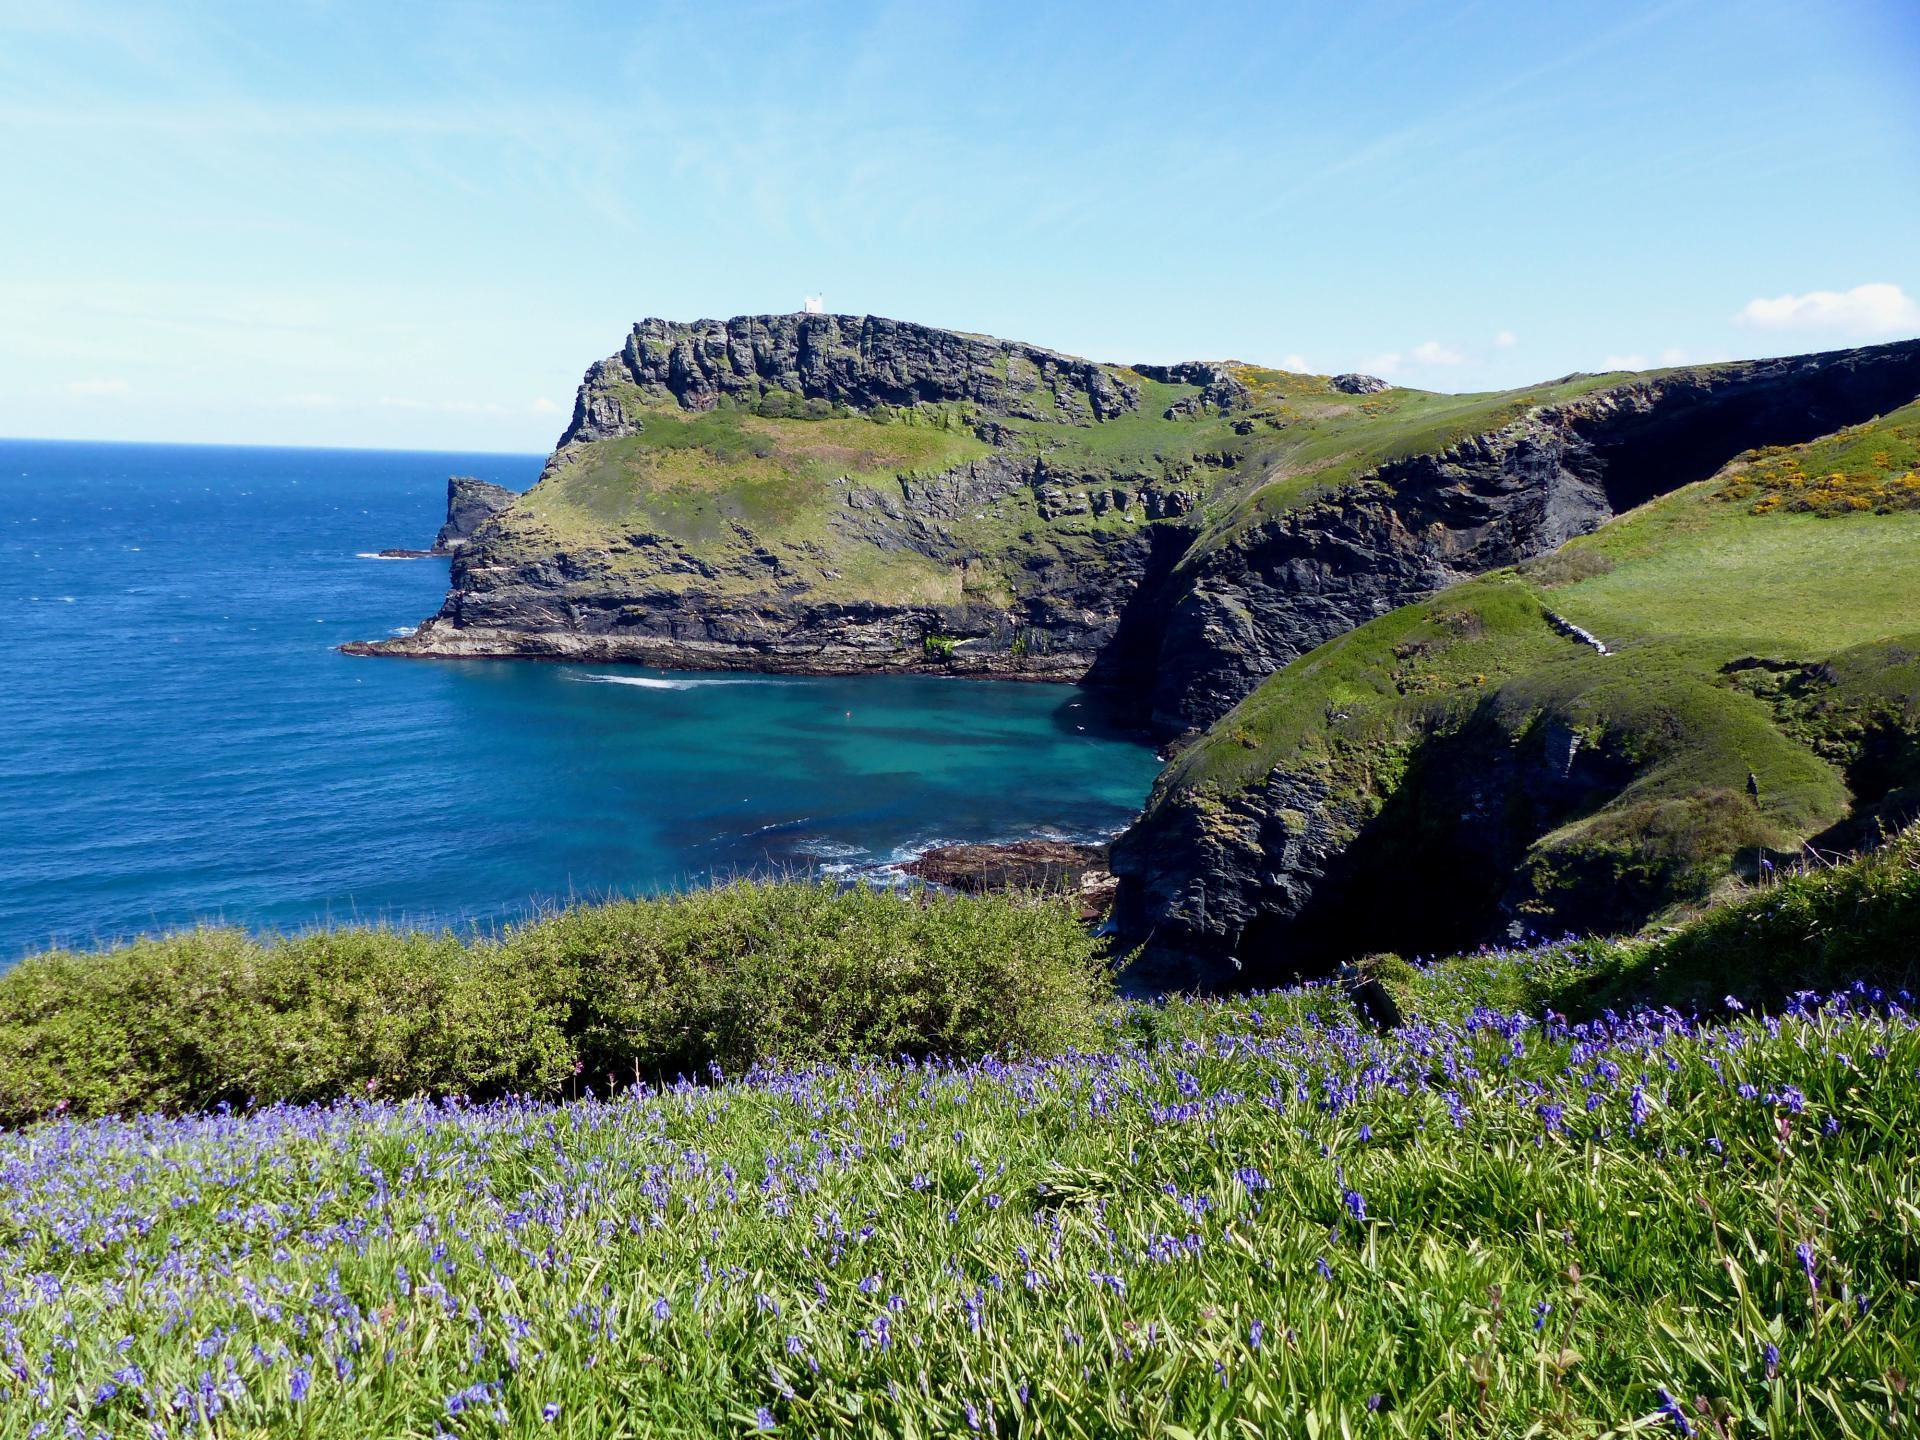 Cornwall Wanderreise - Boscastle Küste